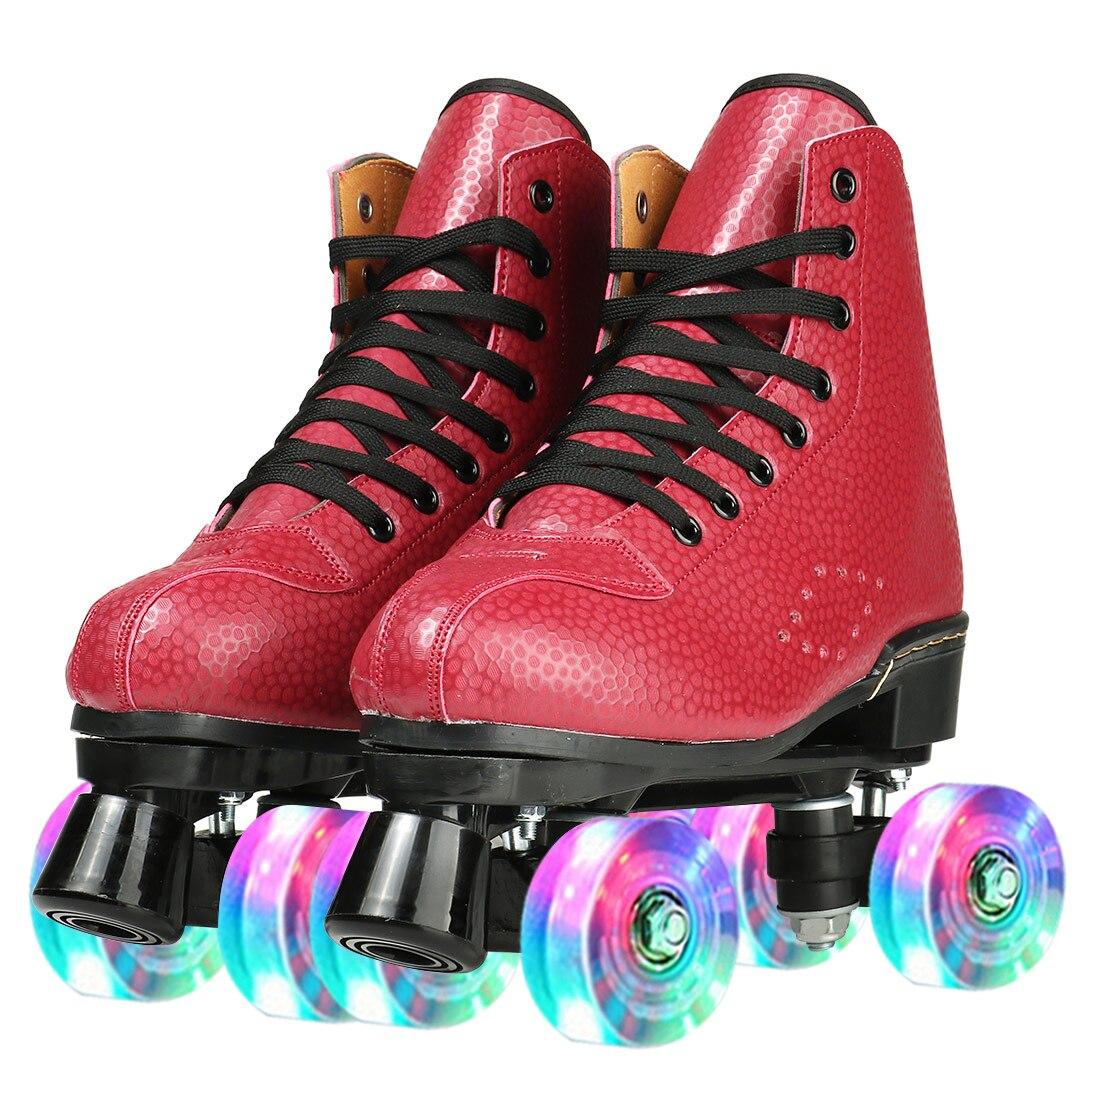 Кроссовки из воловьей кожи для роликовых коньков, двухрядные роликовые, сдвижные, для улицы, для начинающих женщин